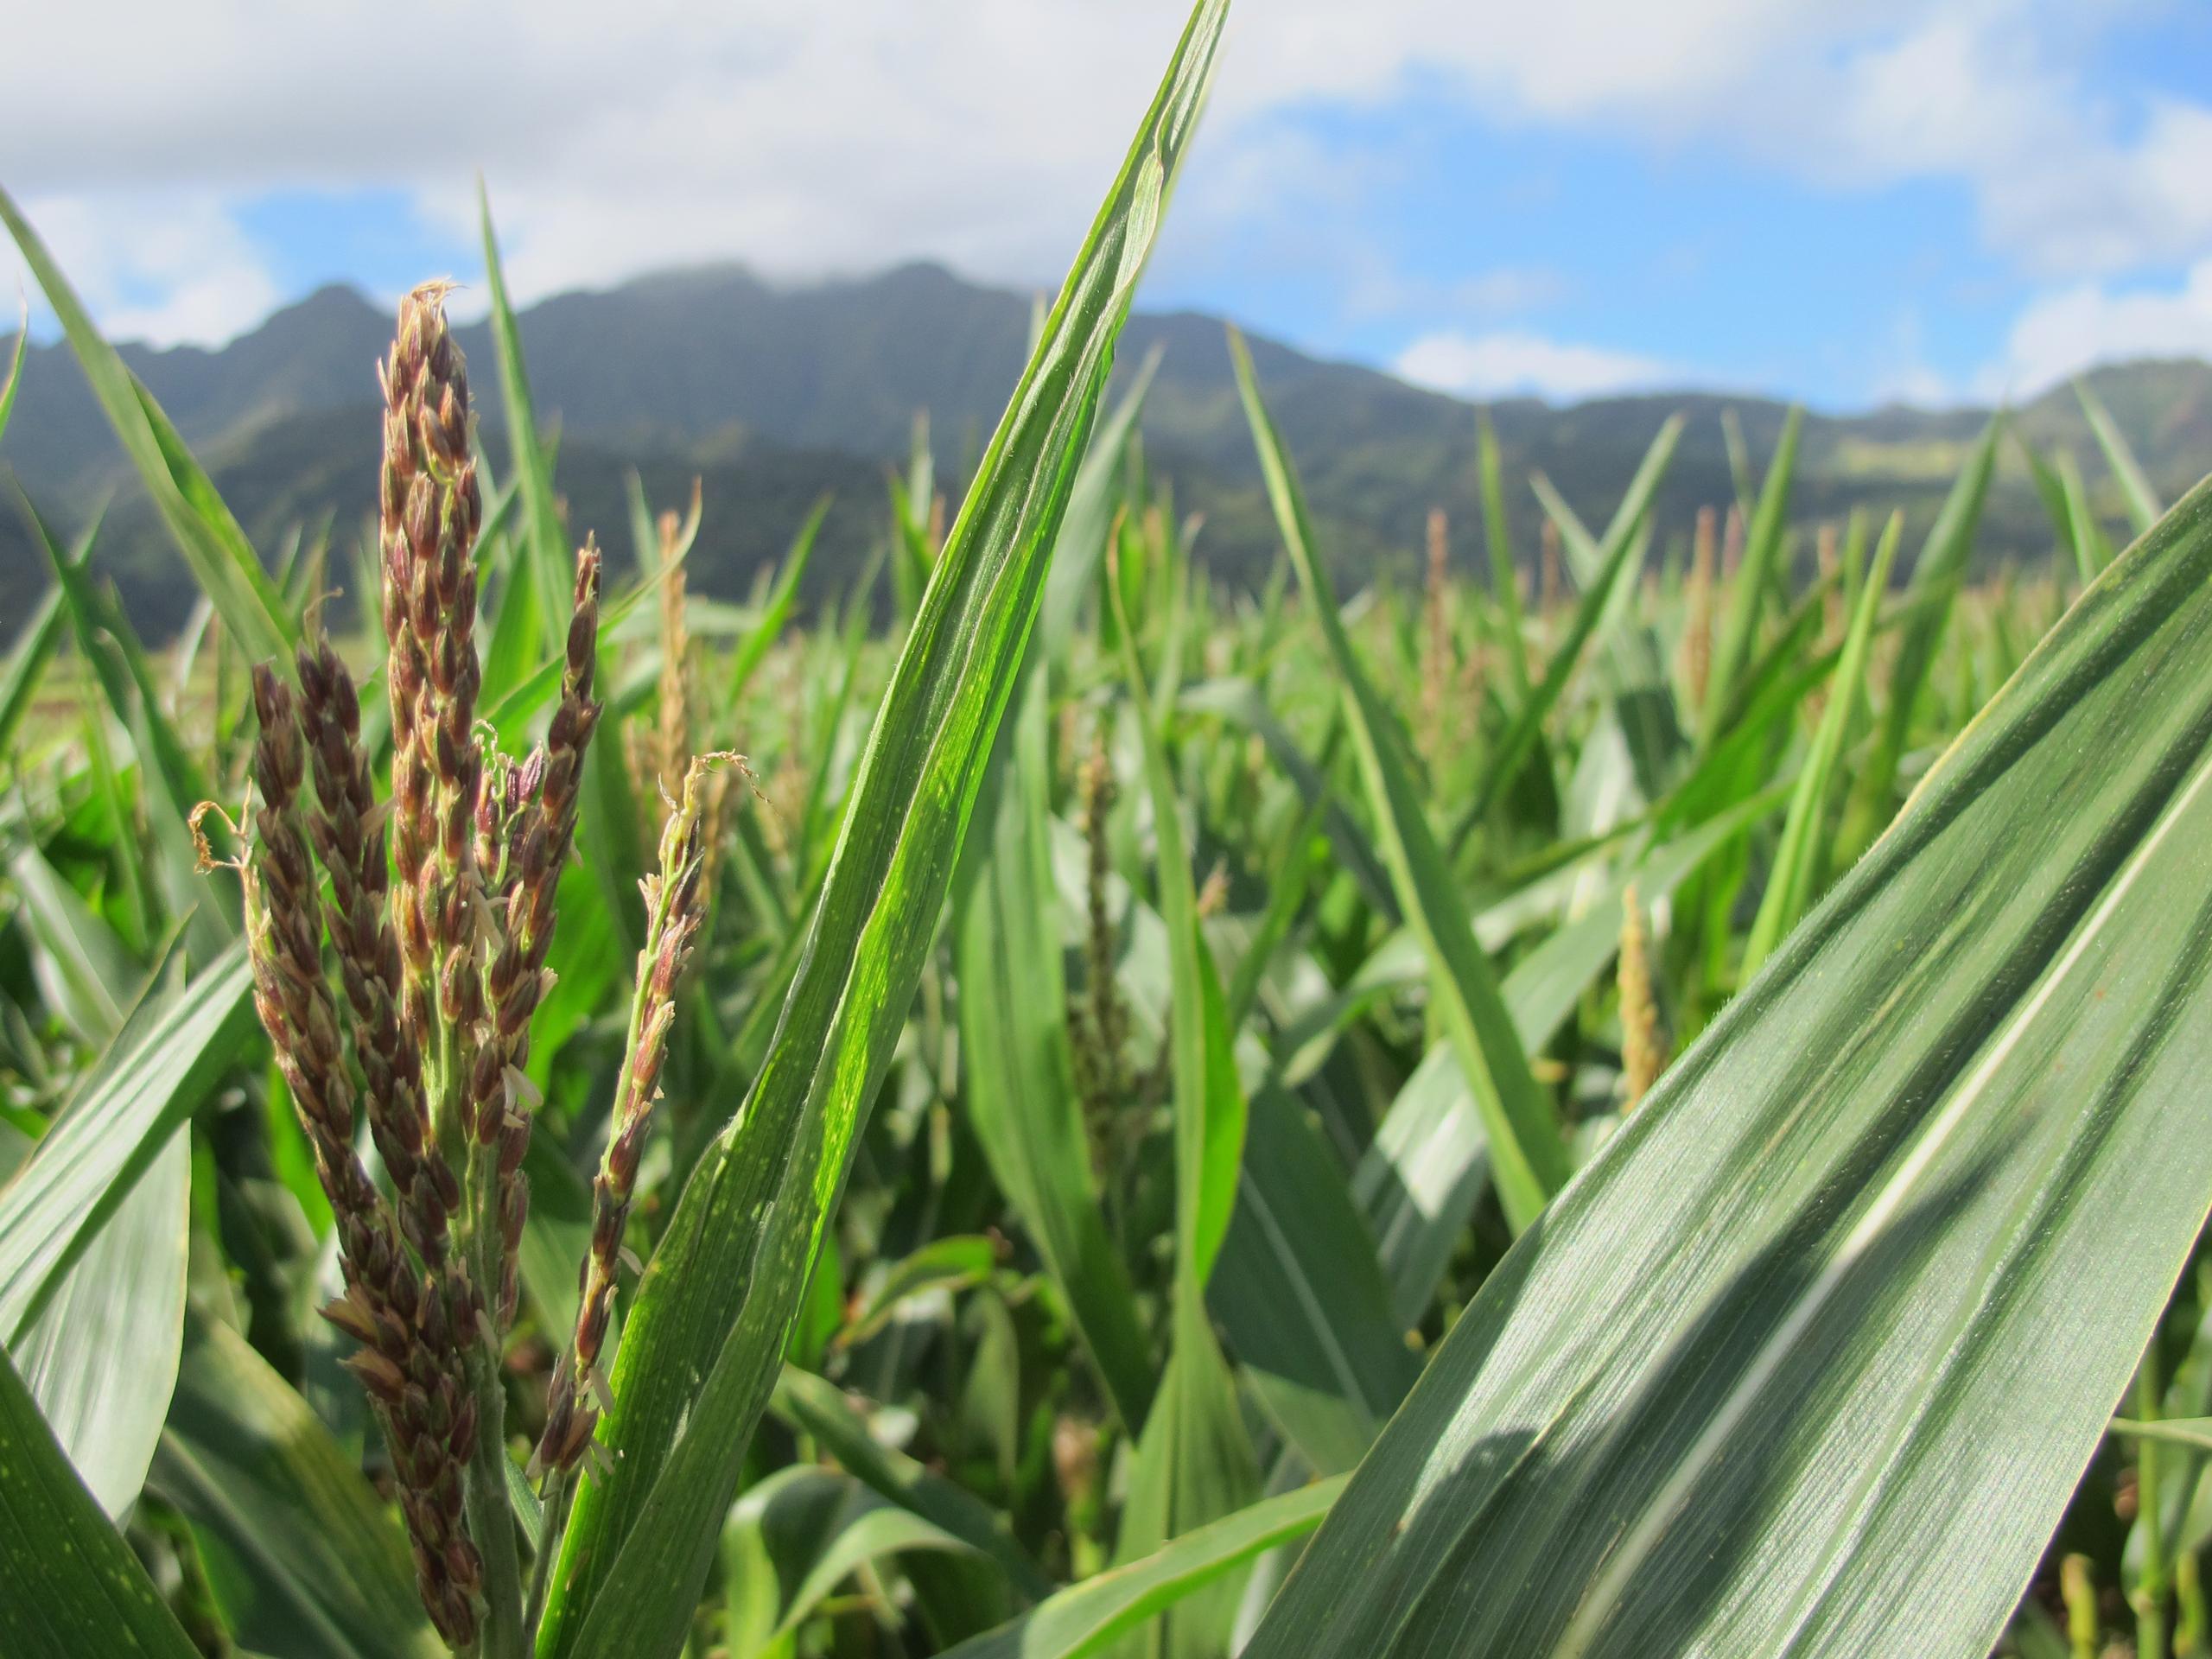 A tassel of corn grows in a field on Pioneer Hi-Bred International land in Waialua, Hawaii, on April 16, 2014.